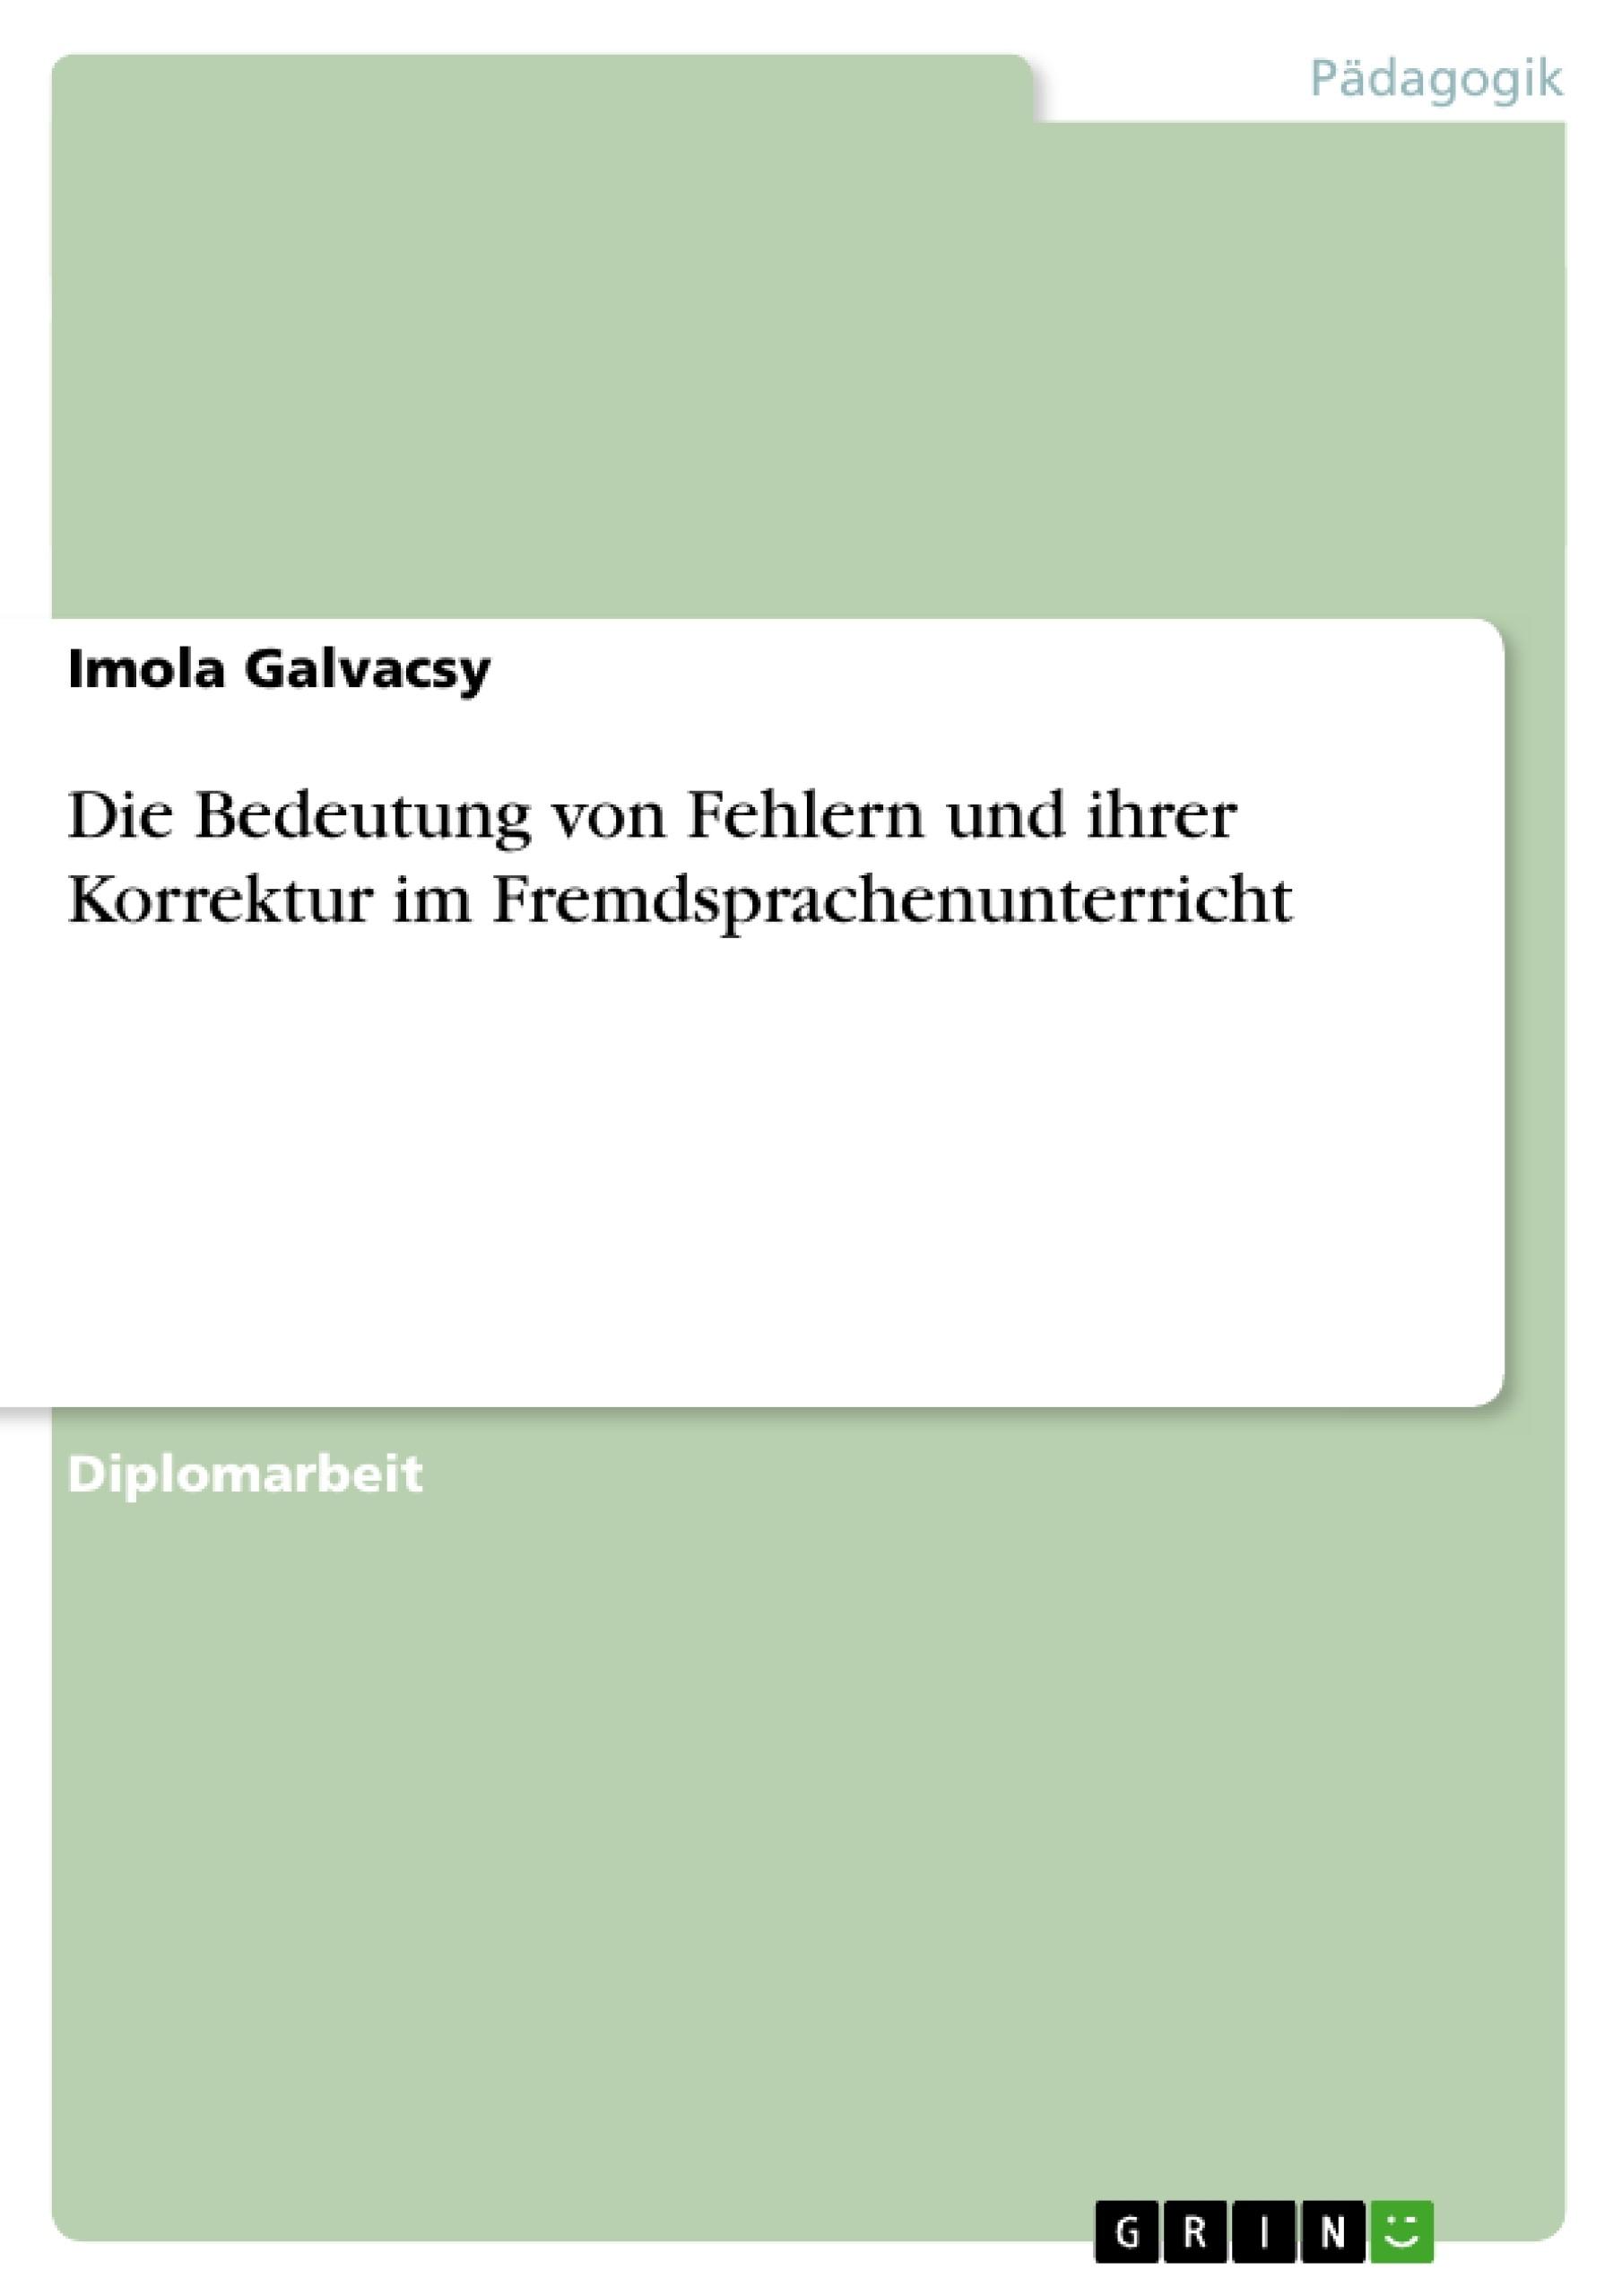 Titel: Die Bedeutung von Fehlern und ihrer Korrektur im Fremdsprachenunterricht